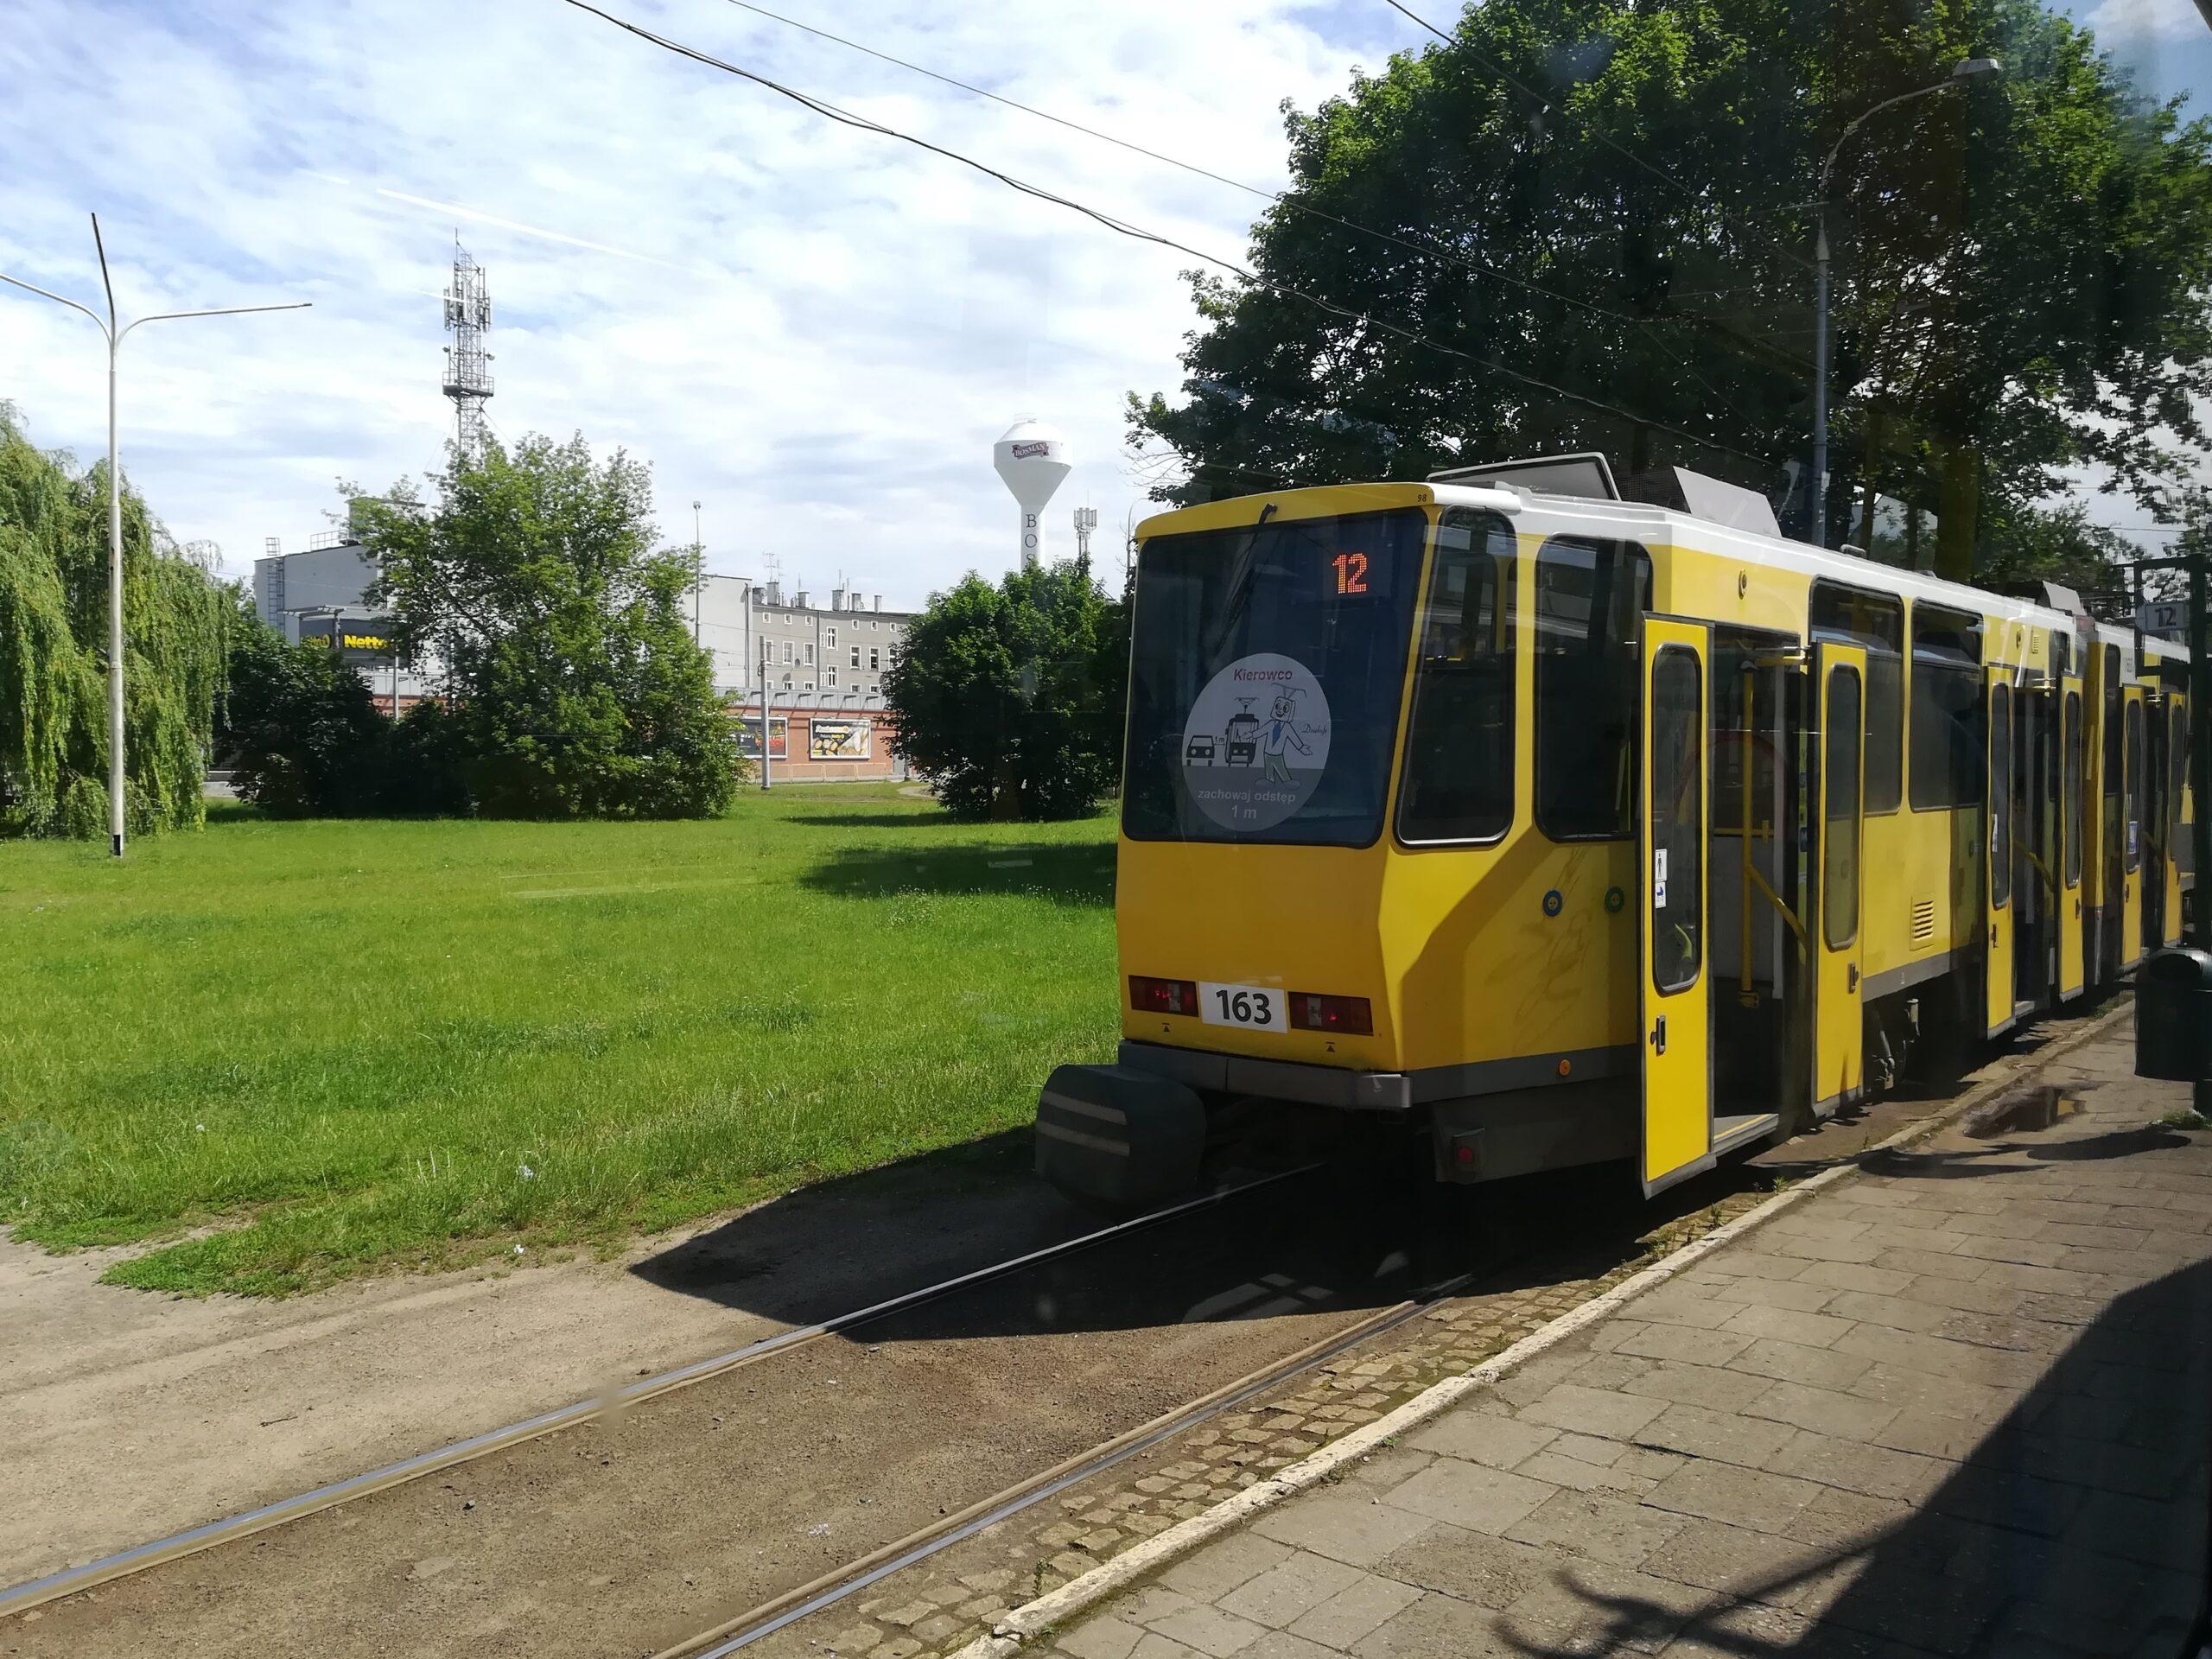 Tramwaje linii 12 na nowych trasach